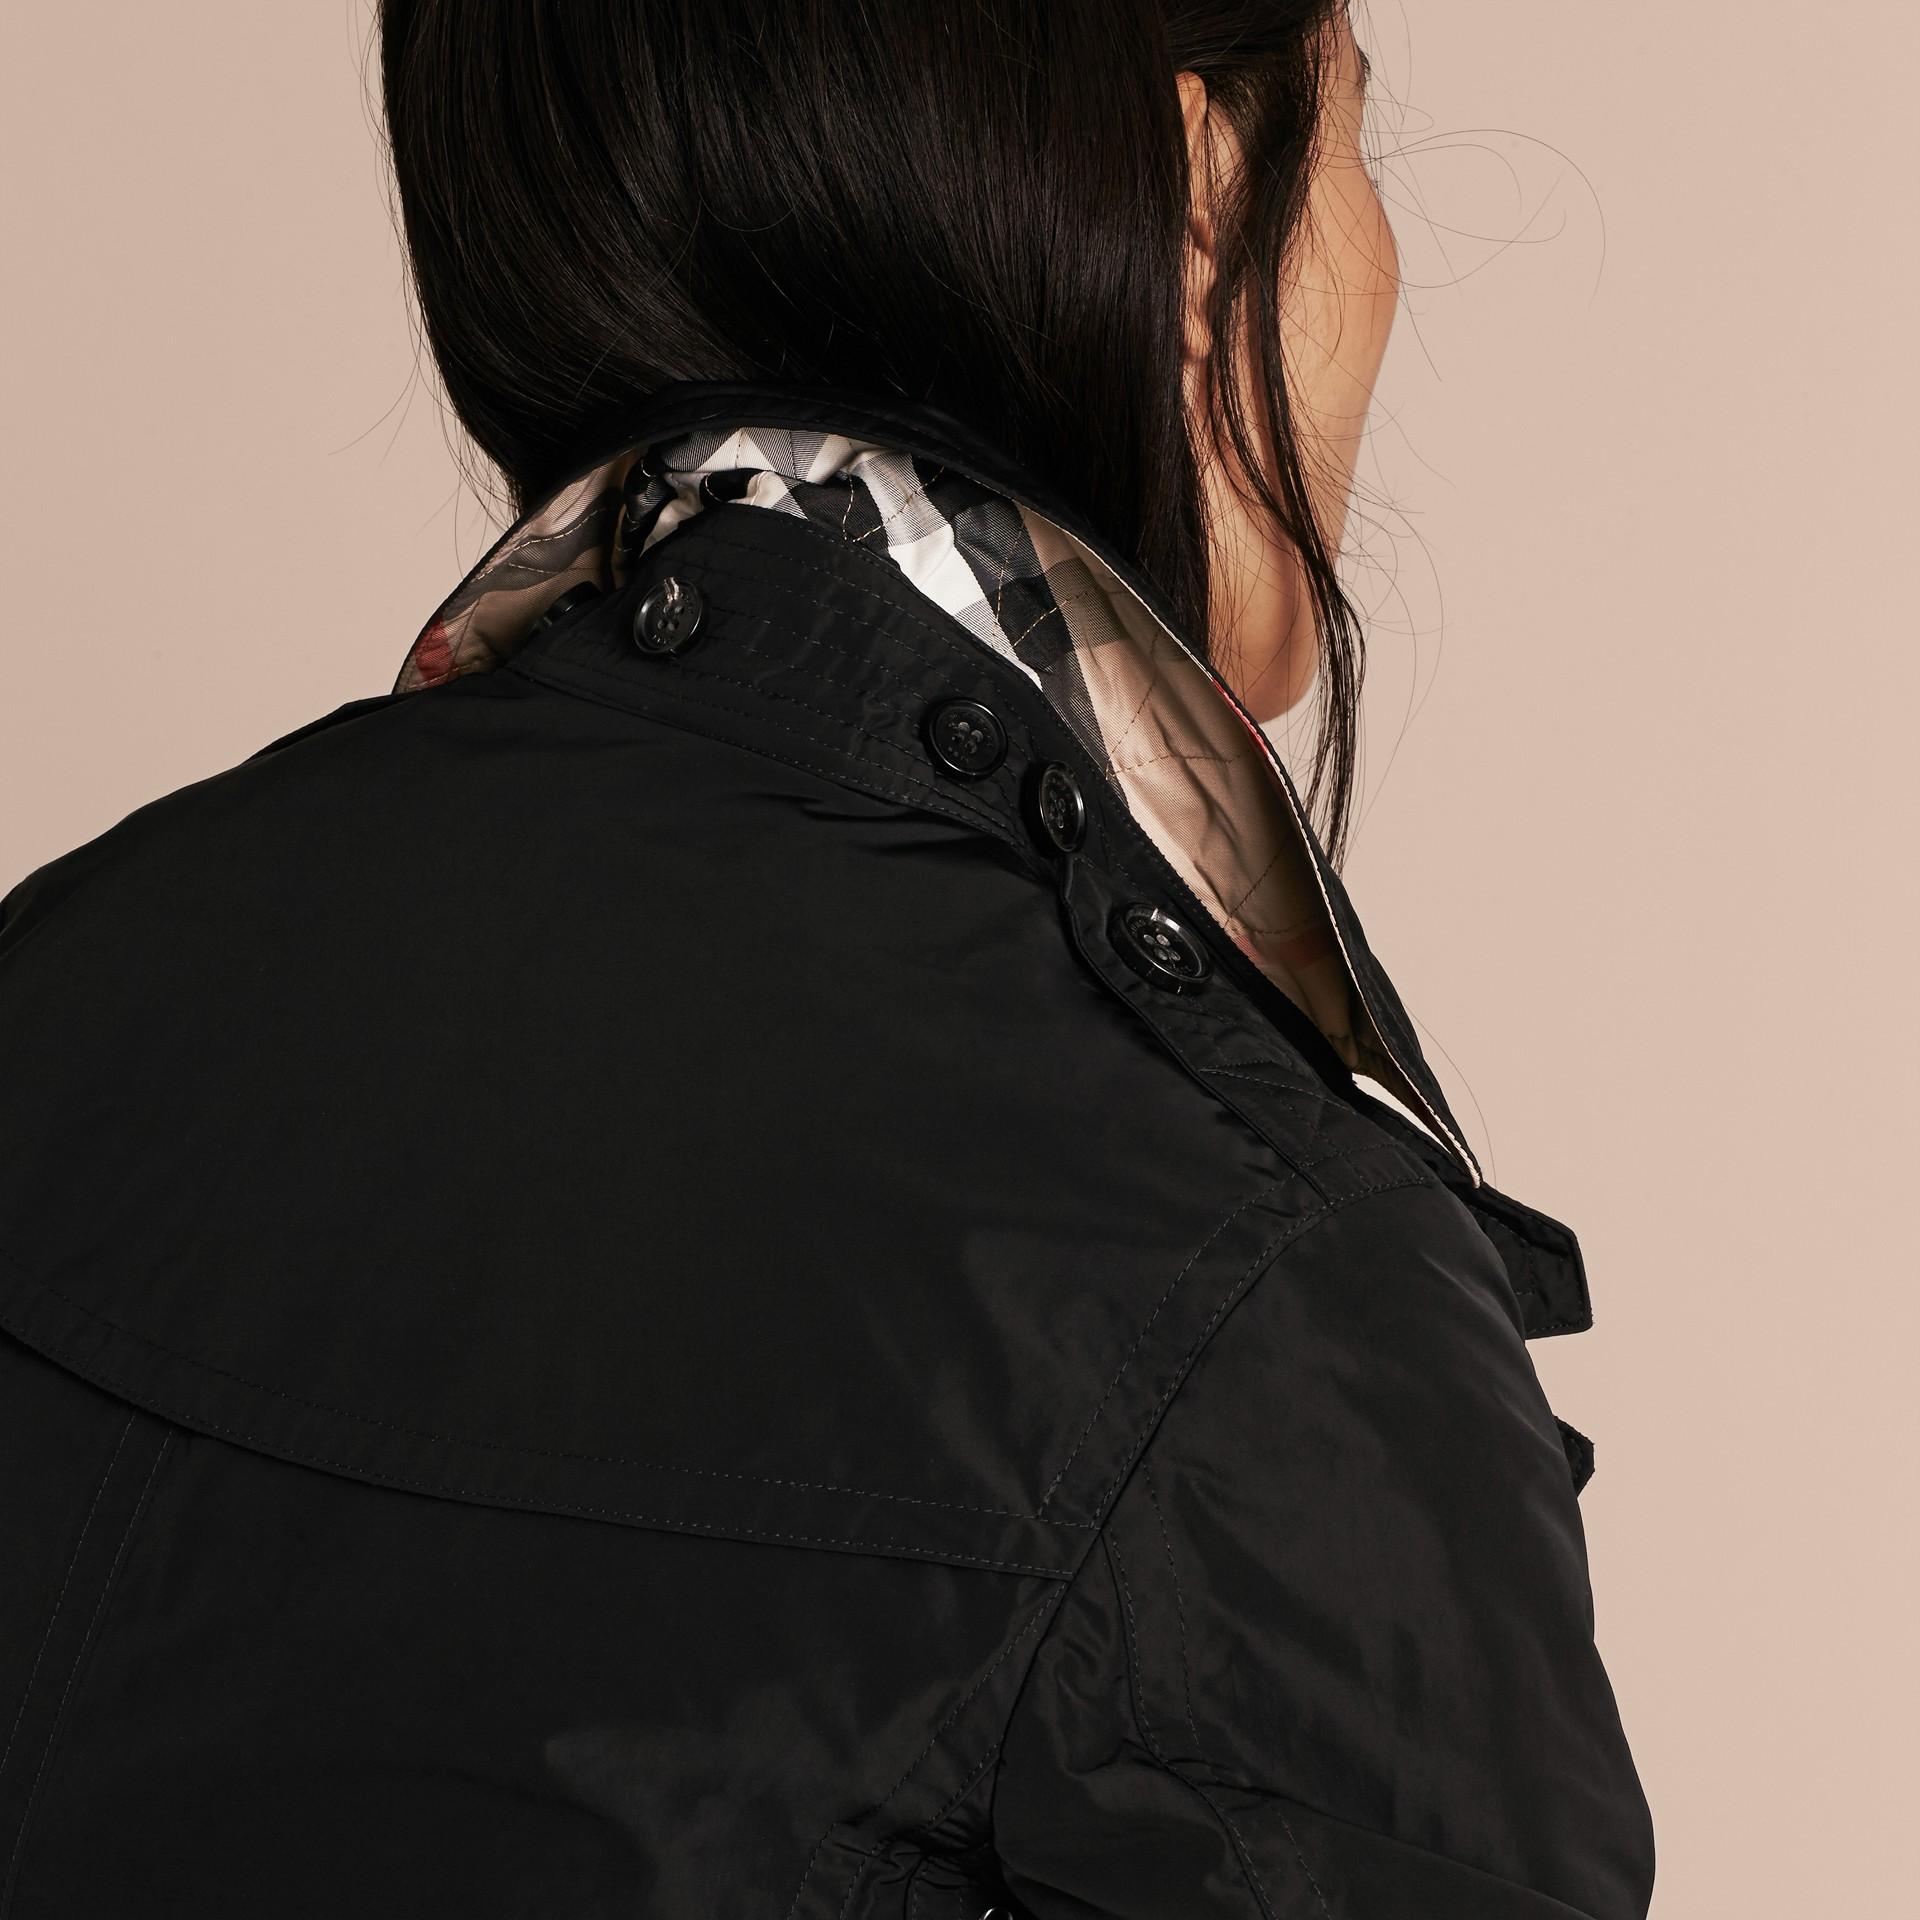 Noir Trench-coat en taffetas à capuche amovible Noir - photo de la galerie 5